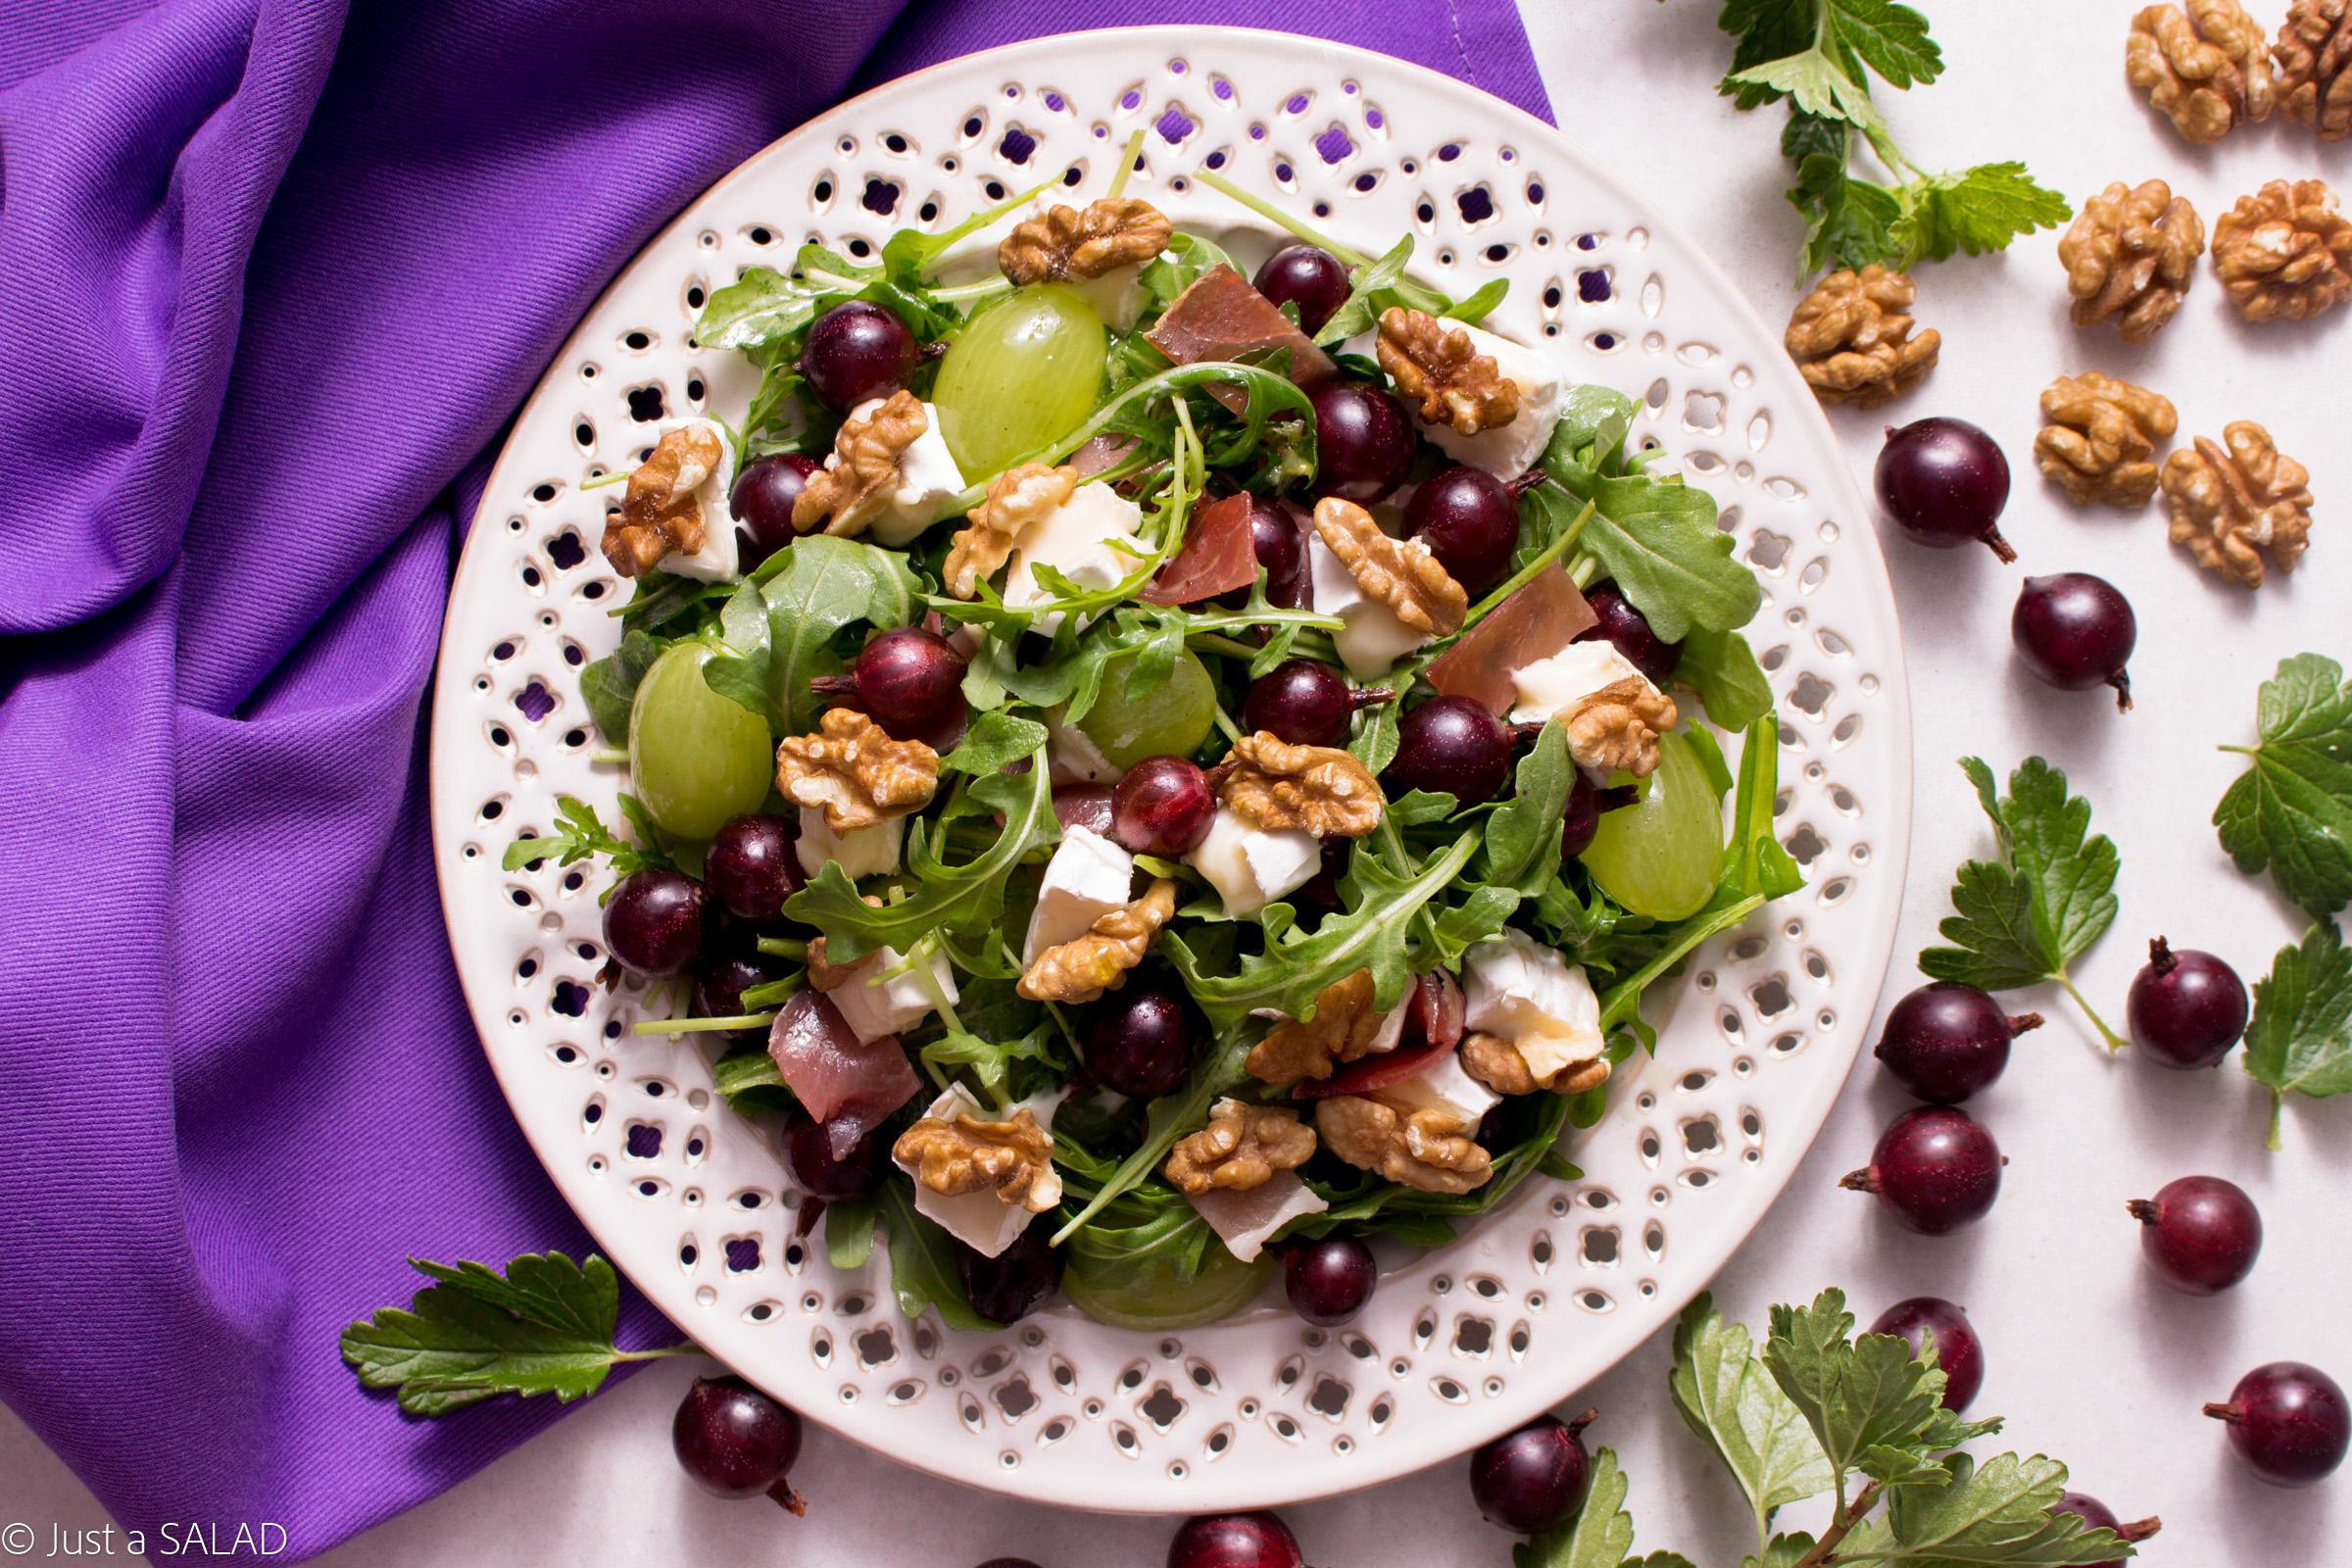 Sałatka z agrestem, winogronami, szynką dojrzewającą, serem camembert, orzechami włoskimi i rukolą.